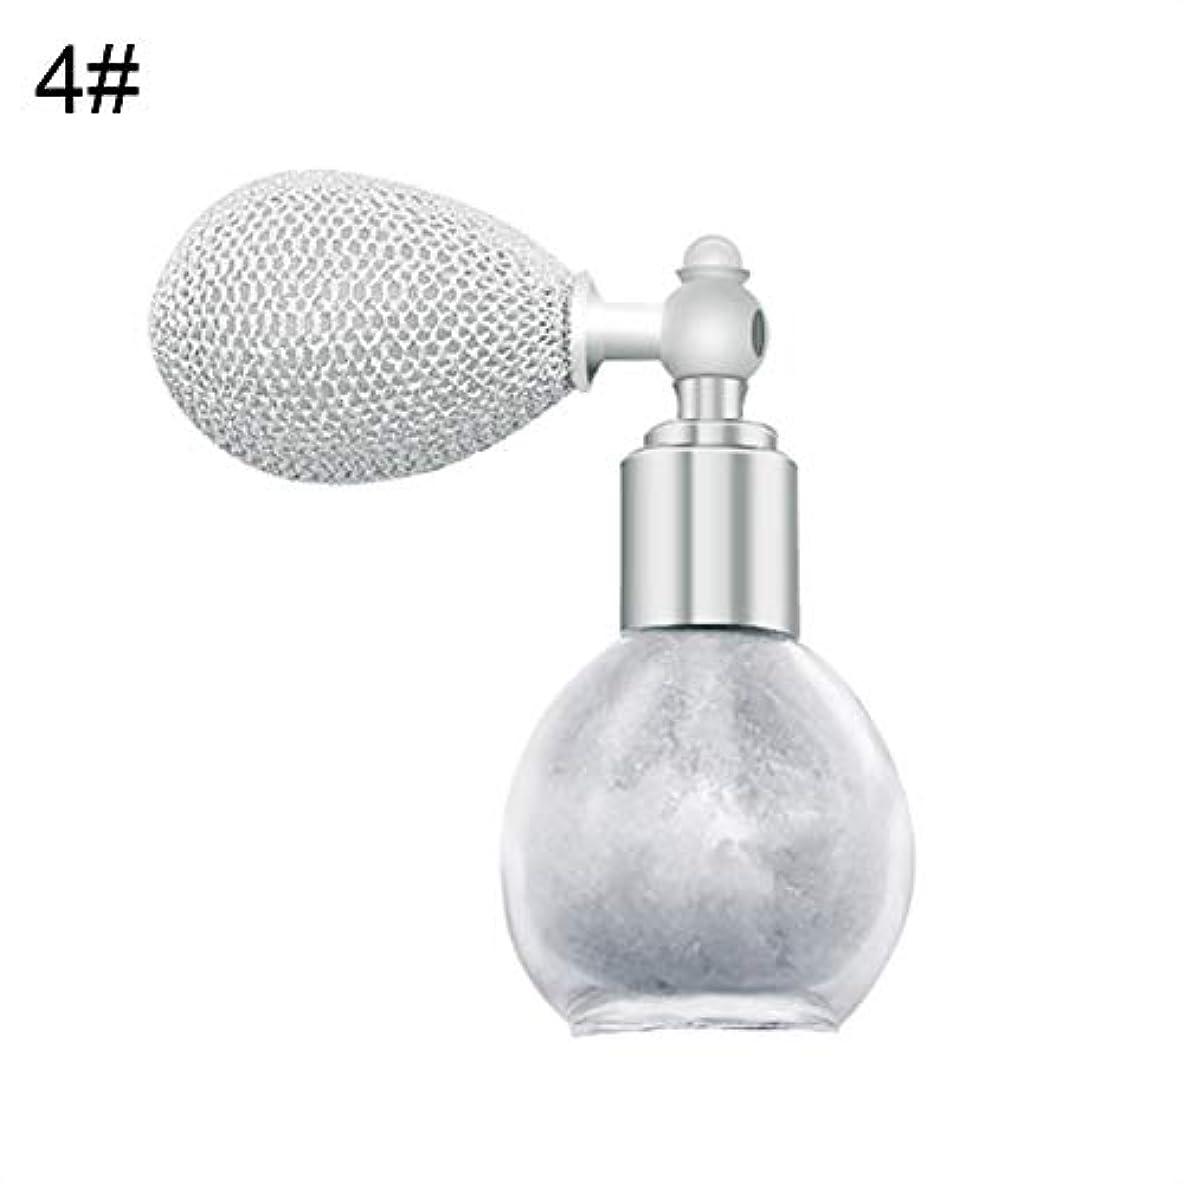 混乱させる許容できるバインドFANA女性美容エアバッグスプレーフレグランスグリッターハイライトパウダー化粧品 - 4#